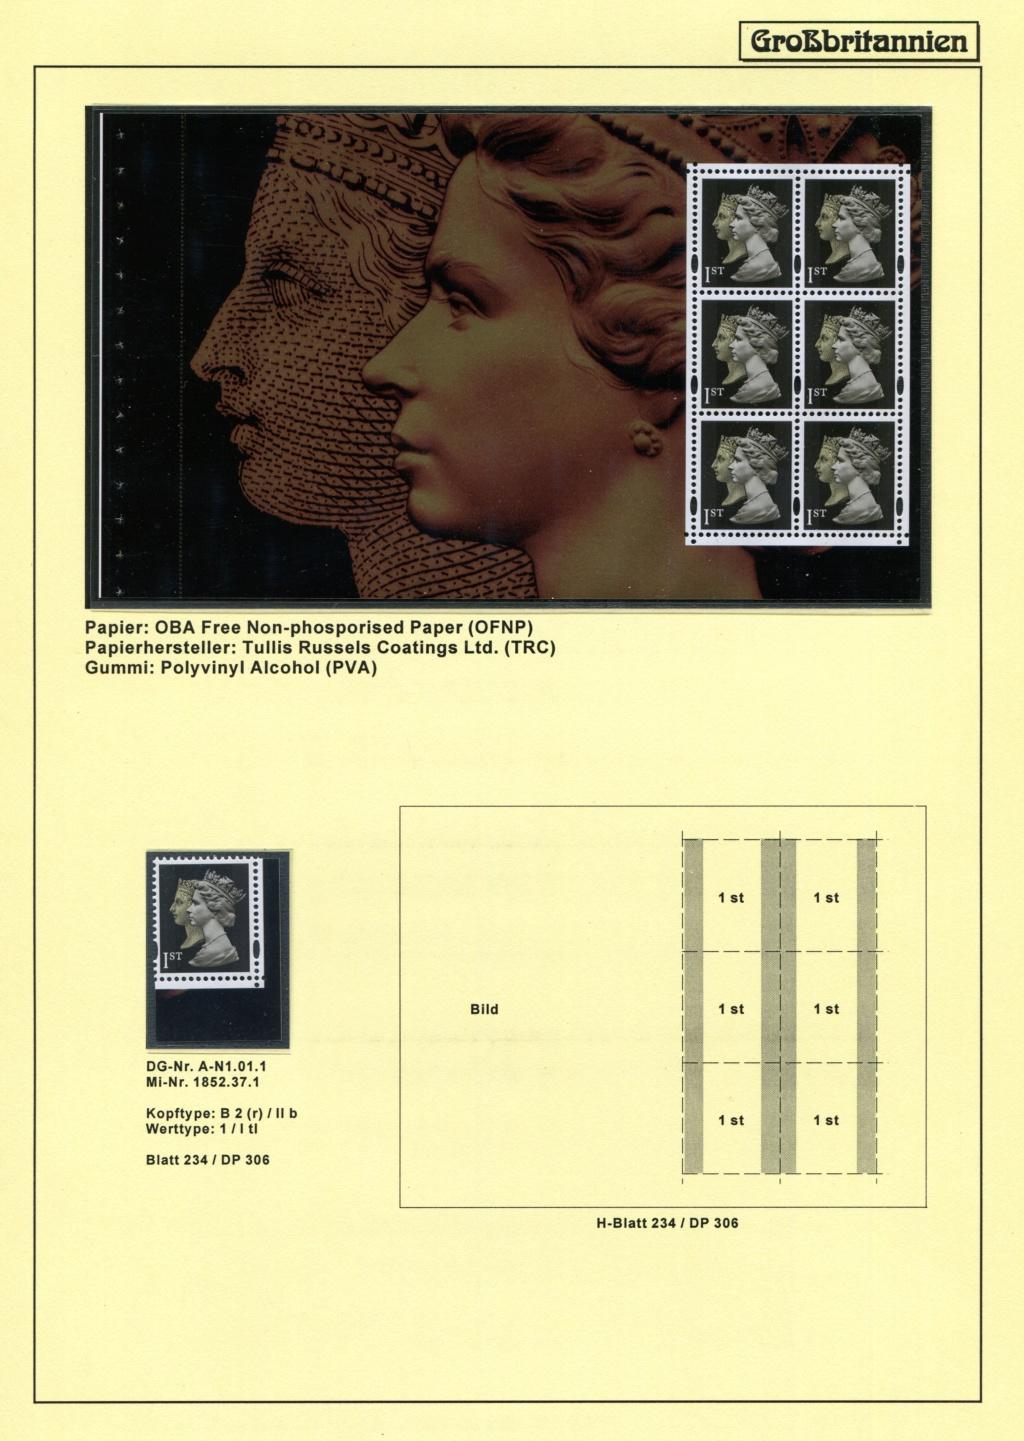 Großbritannien - 150 Jahre Briefmarken Black_63